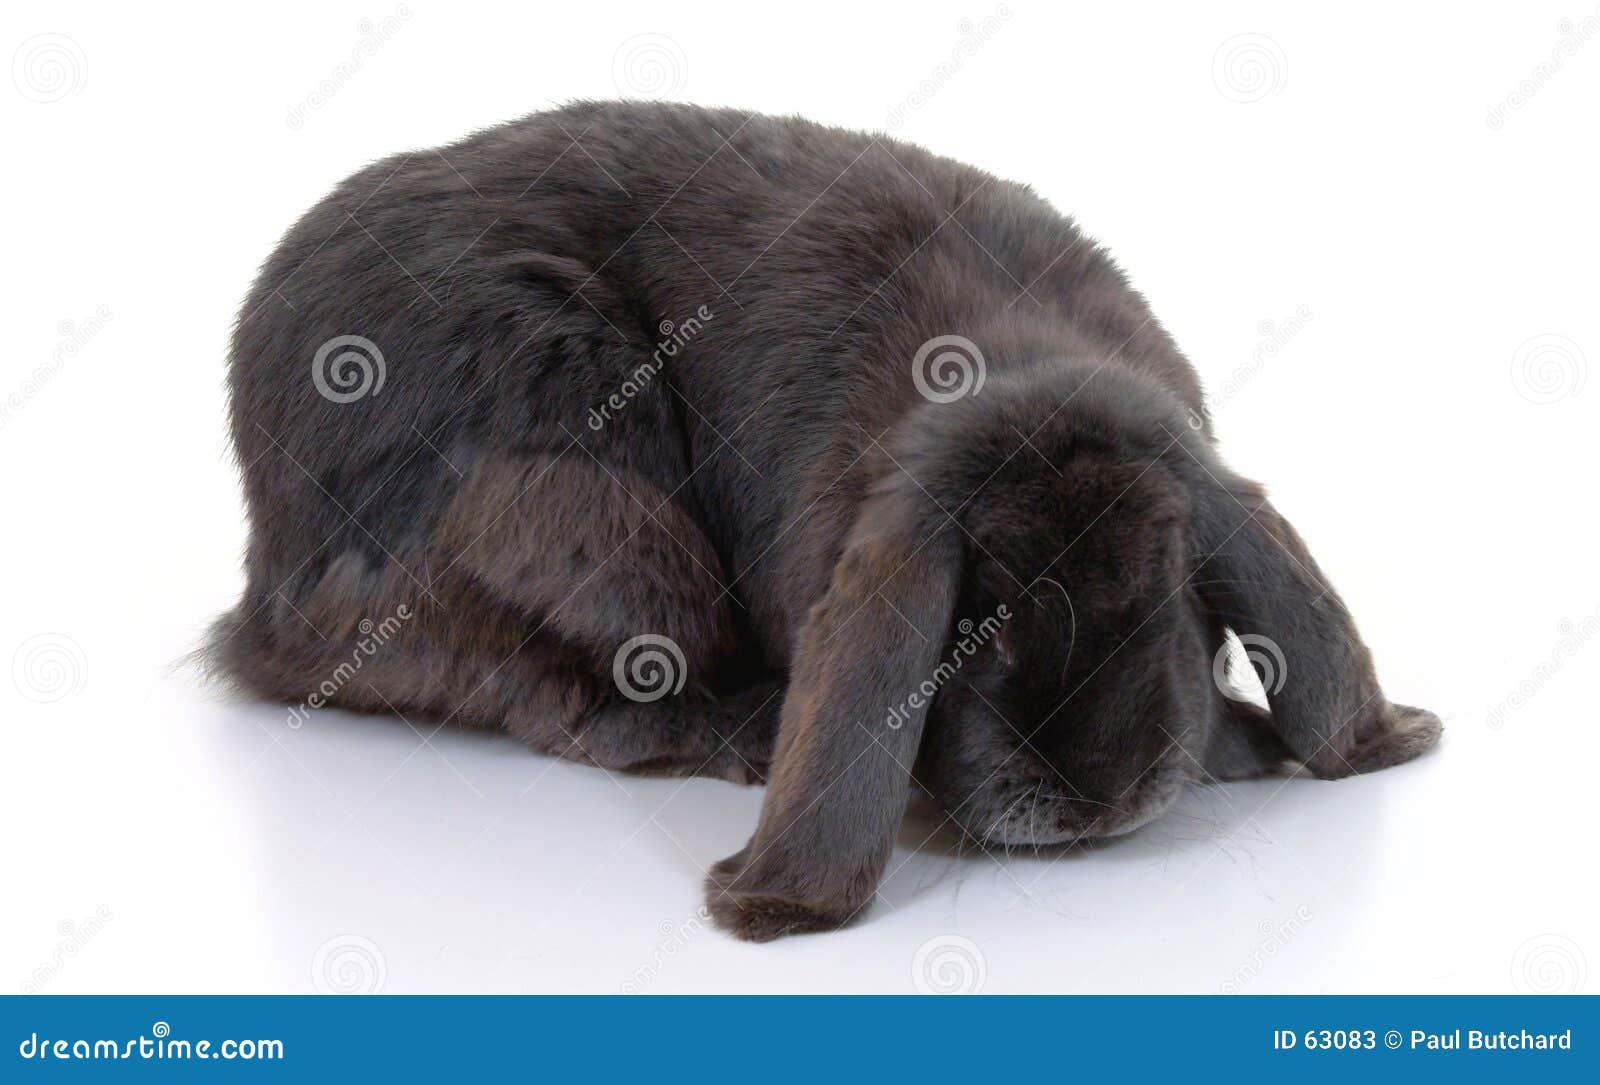 Długo słyszący królik.